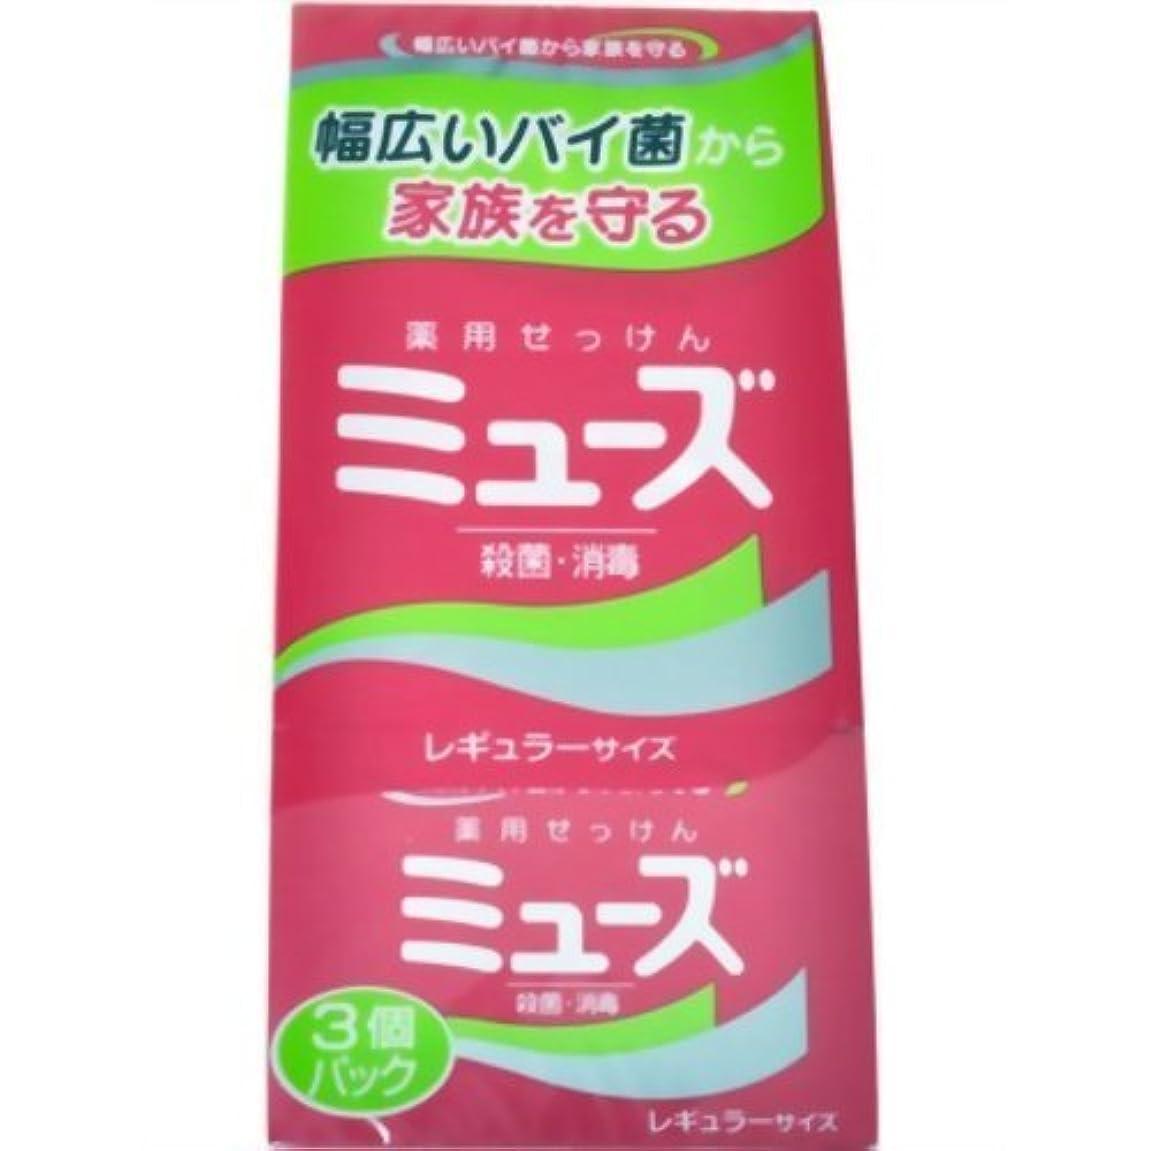 ドラゴン守る衣類ミューズ石鹸 レギュラー 3P ×10個セット